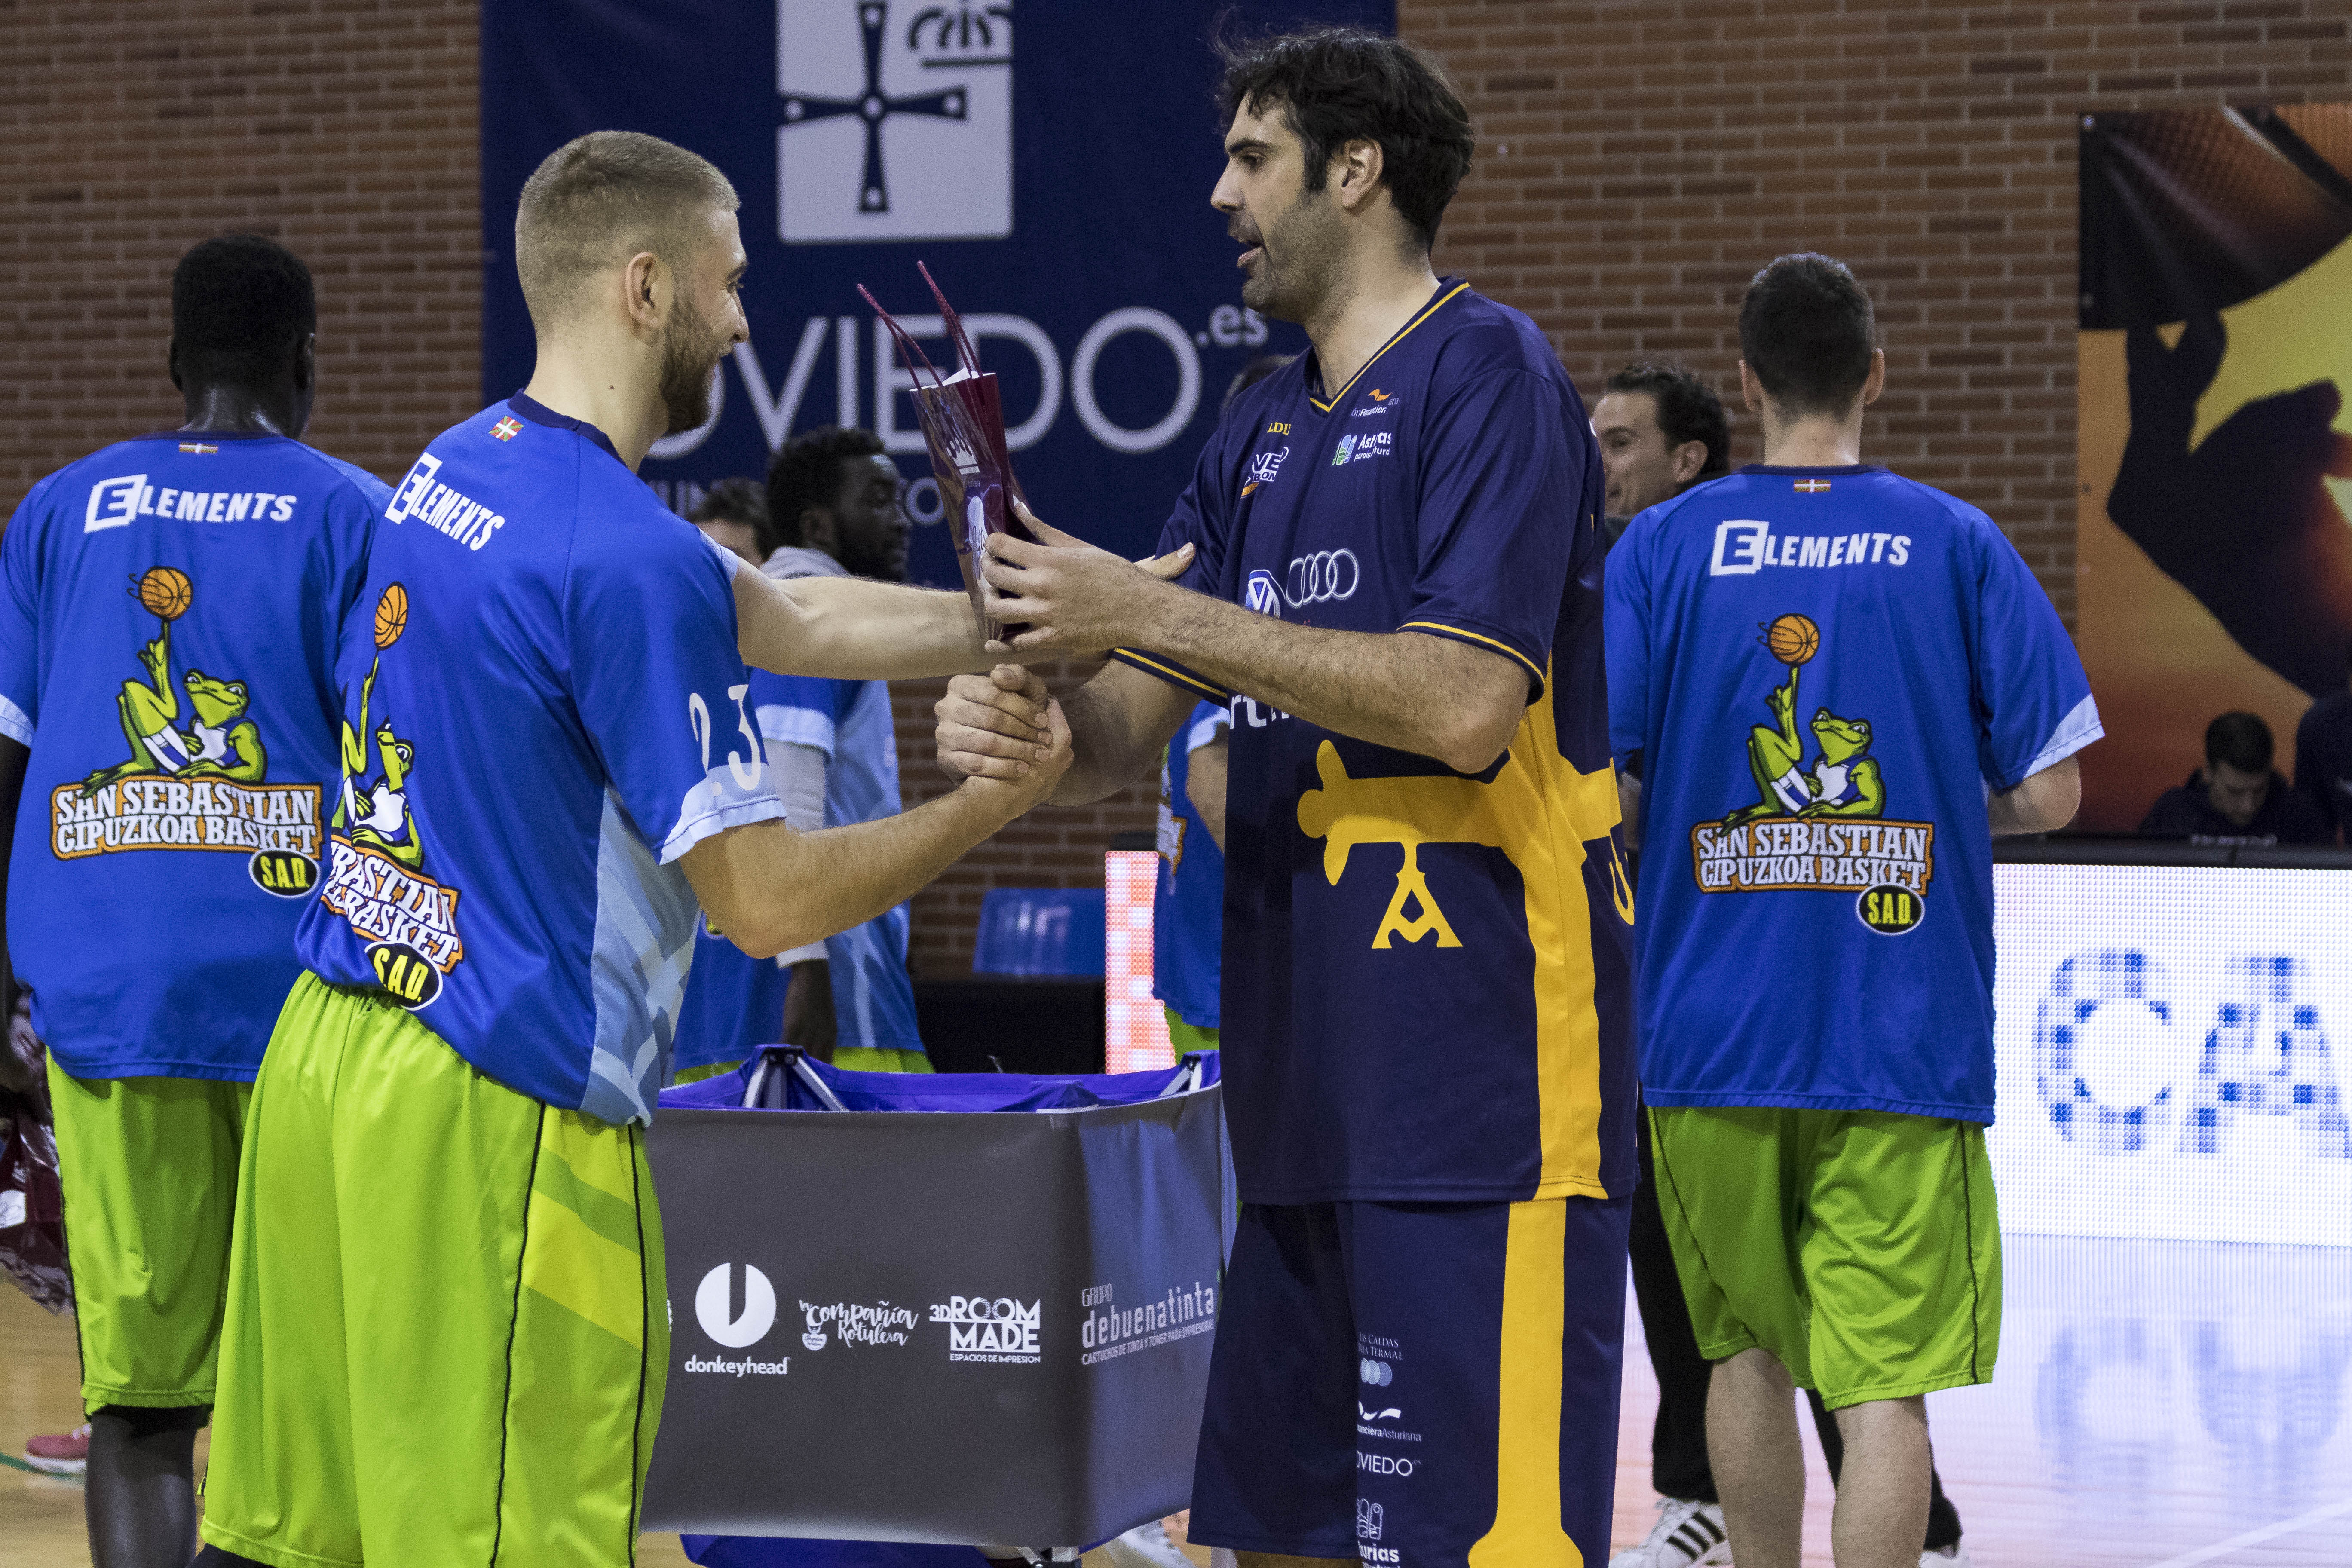 Saludo entre jugadores de ambos equipos (Foto: Christian García)